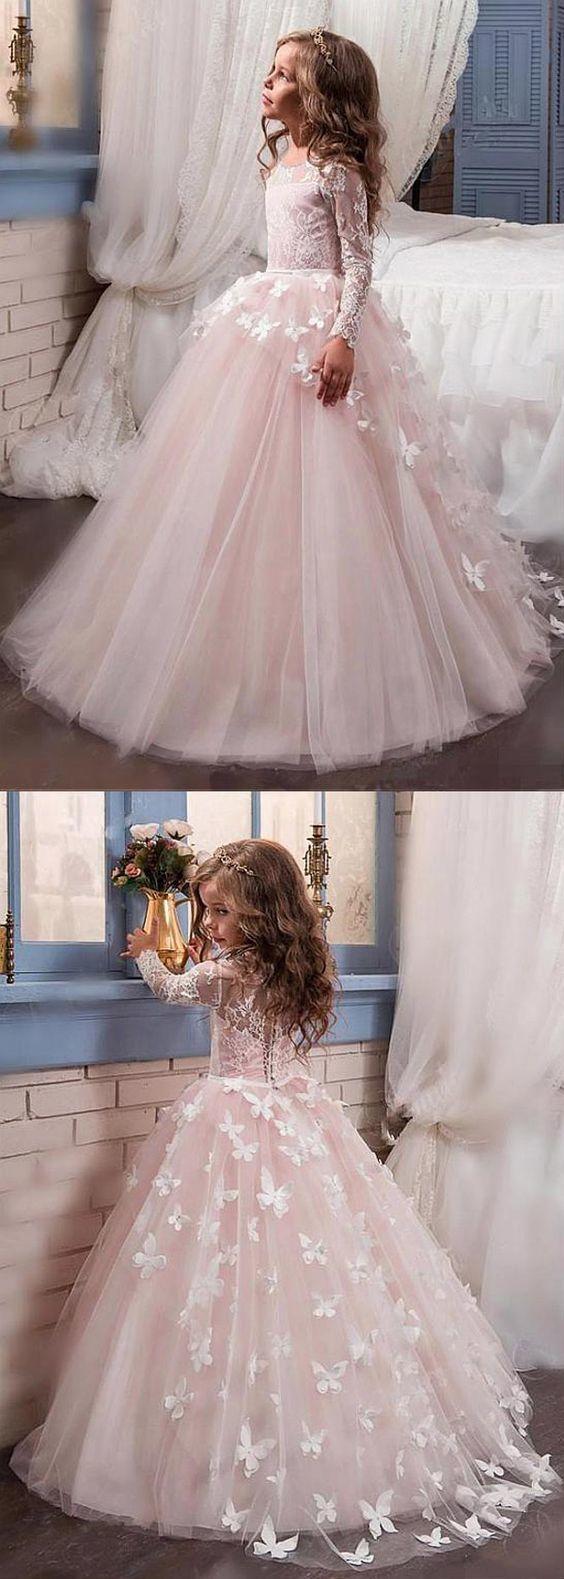 best flower girl dresses images on pinterest dresses for girls